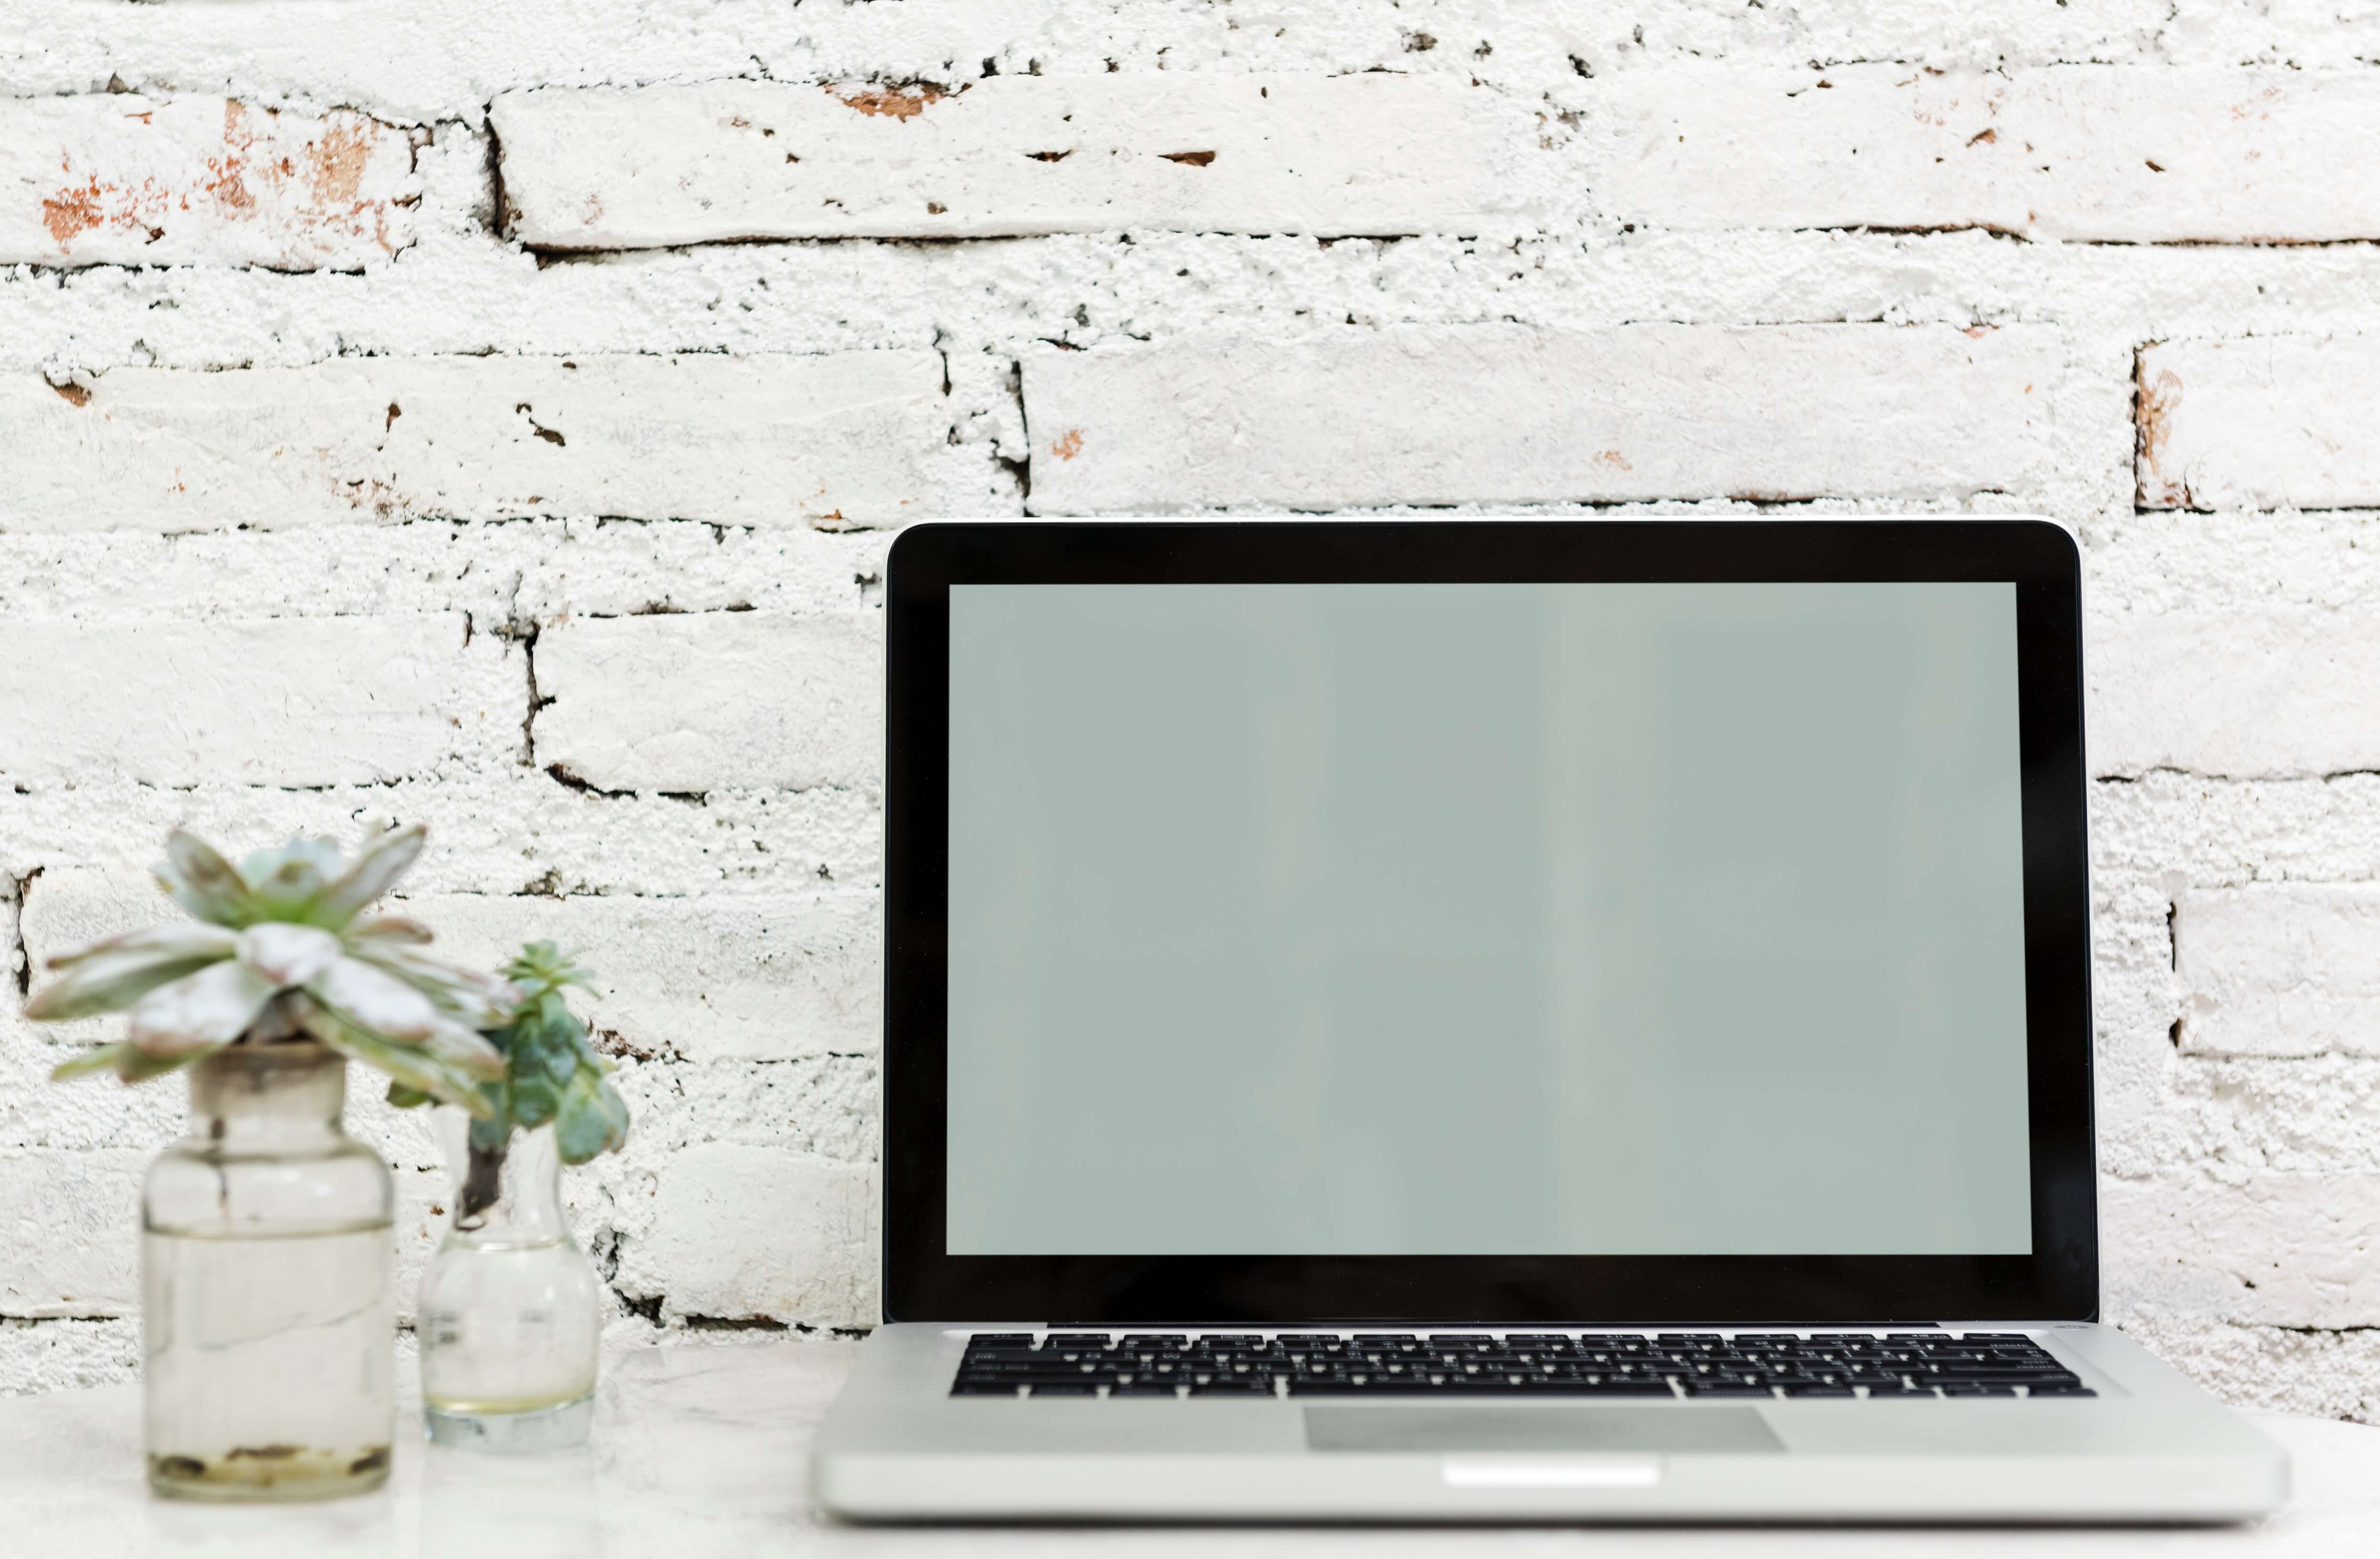 Digitale vaardigheden in het onderwijs